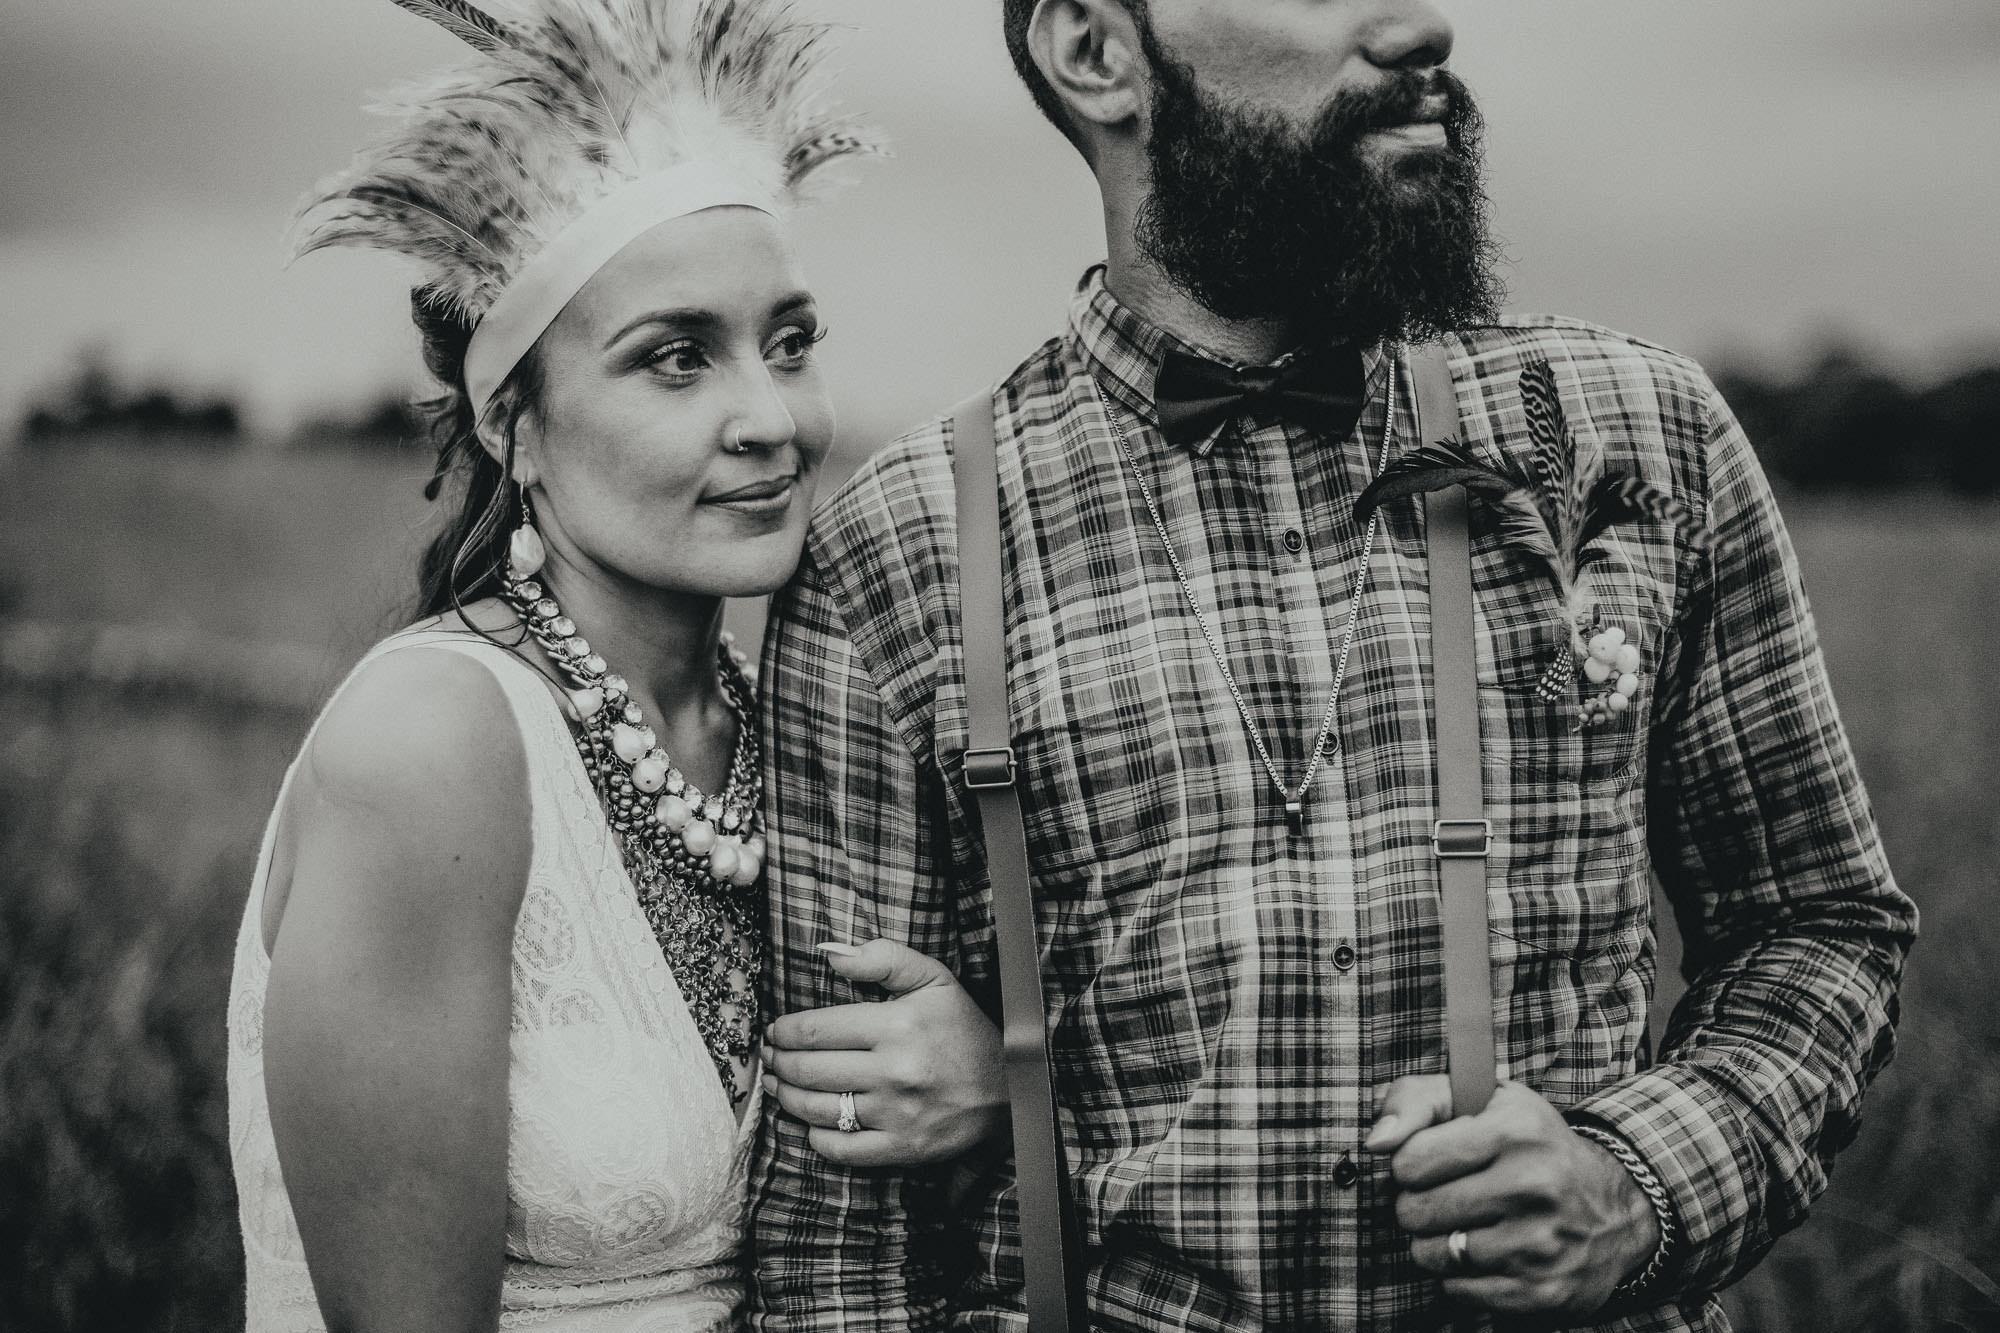 079 finch and oak, wedding photography, gold coast, byron bay.jpg